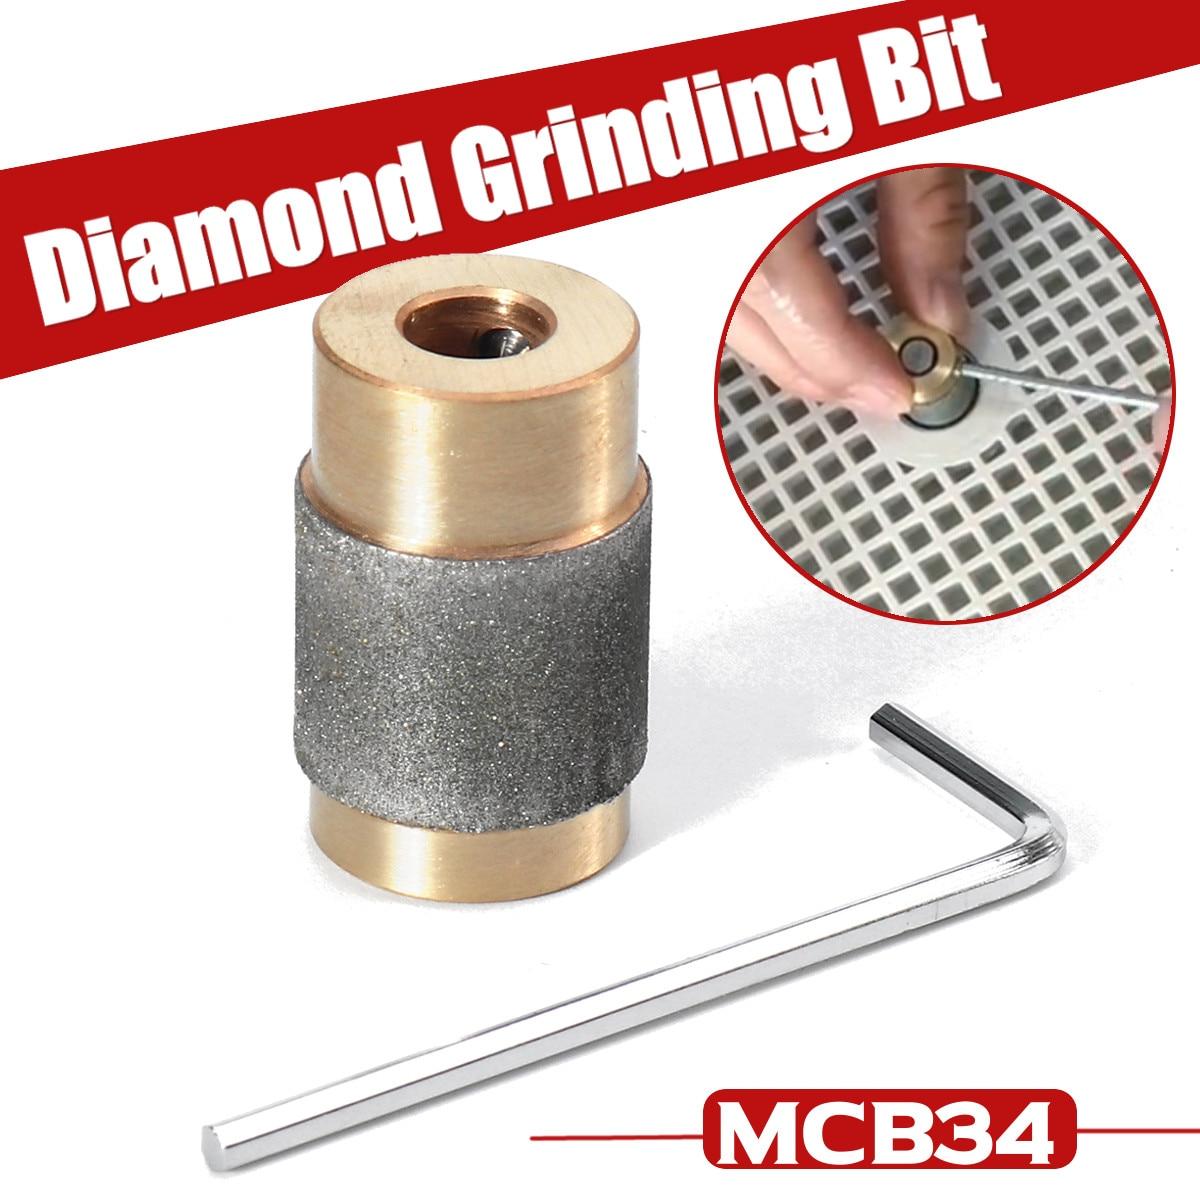 3/4 pouce MCB34 meule en laiton noyau Standard grain teinté vitrail broyeur tête diamant cuivre broyeur